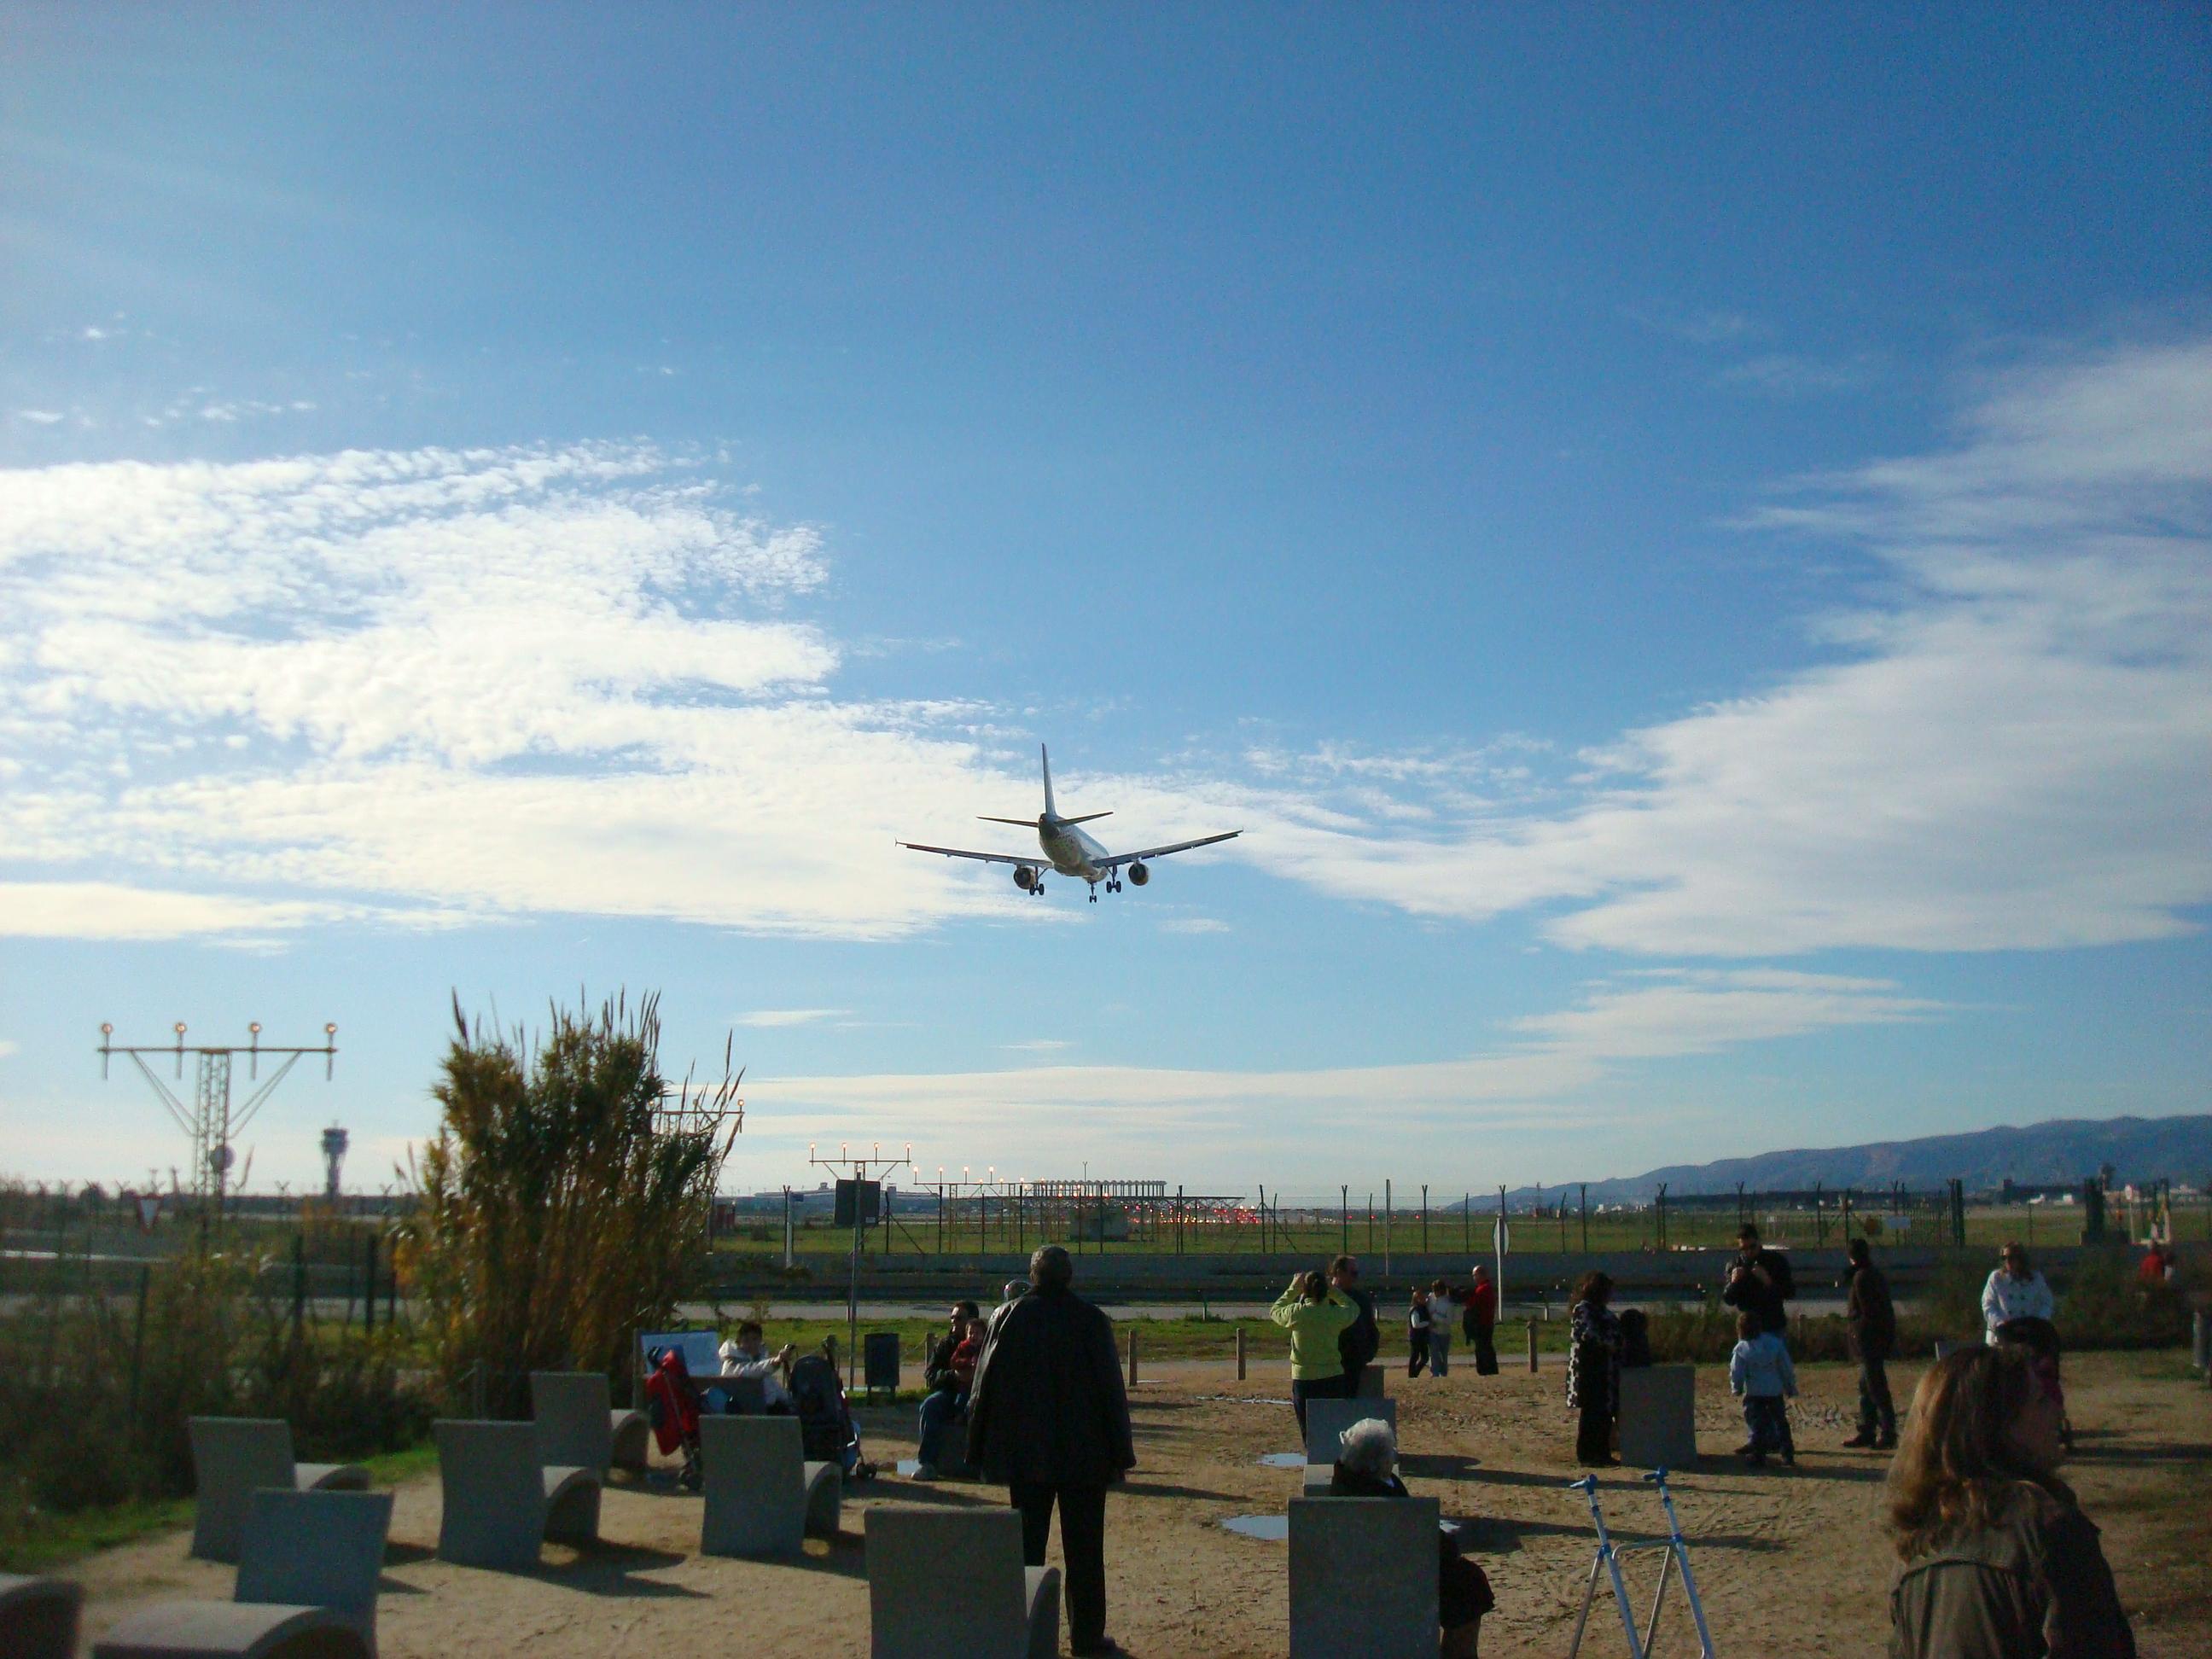 mirador aviones el prat bancos de piedra